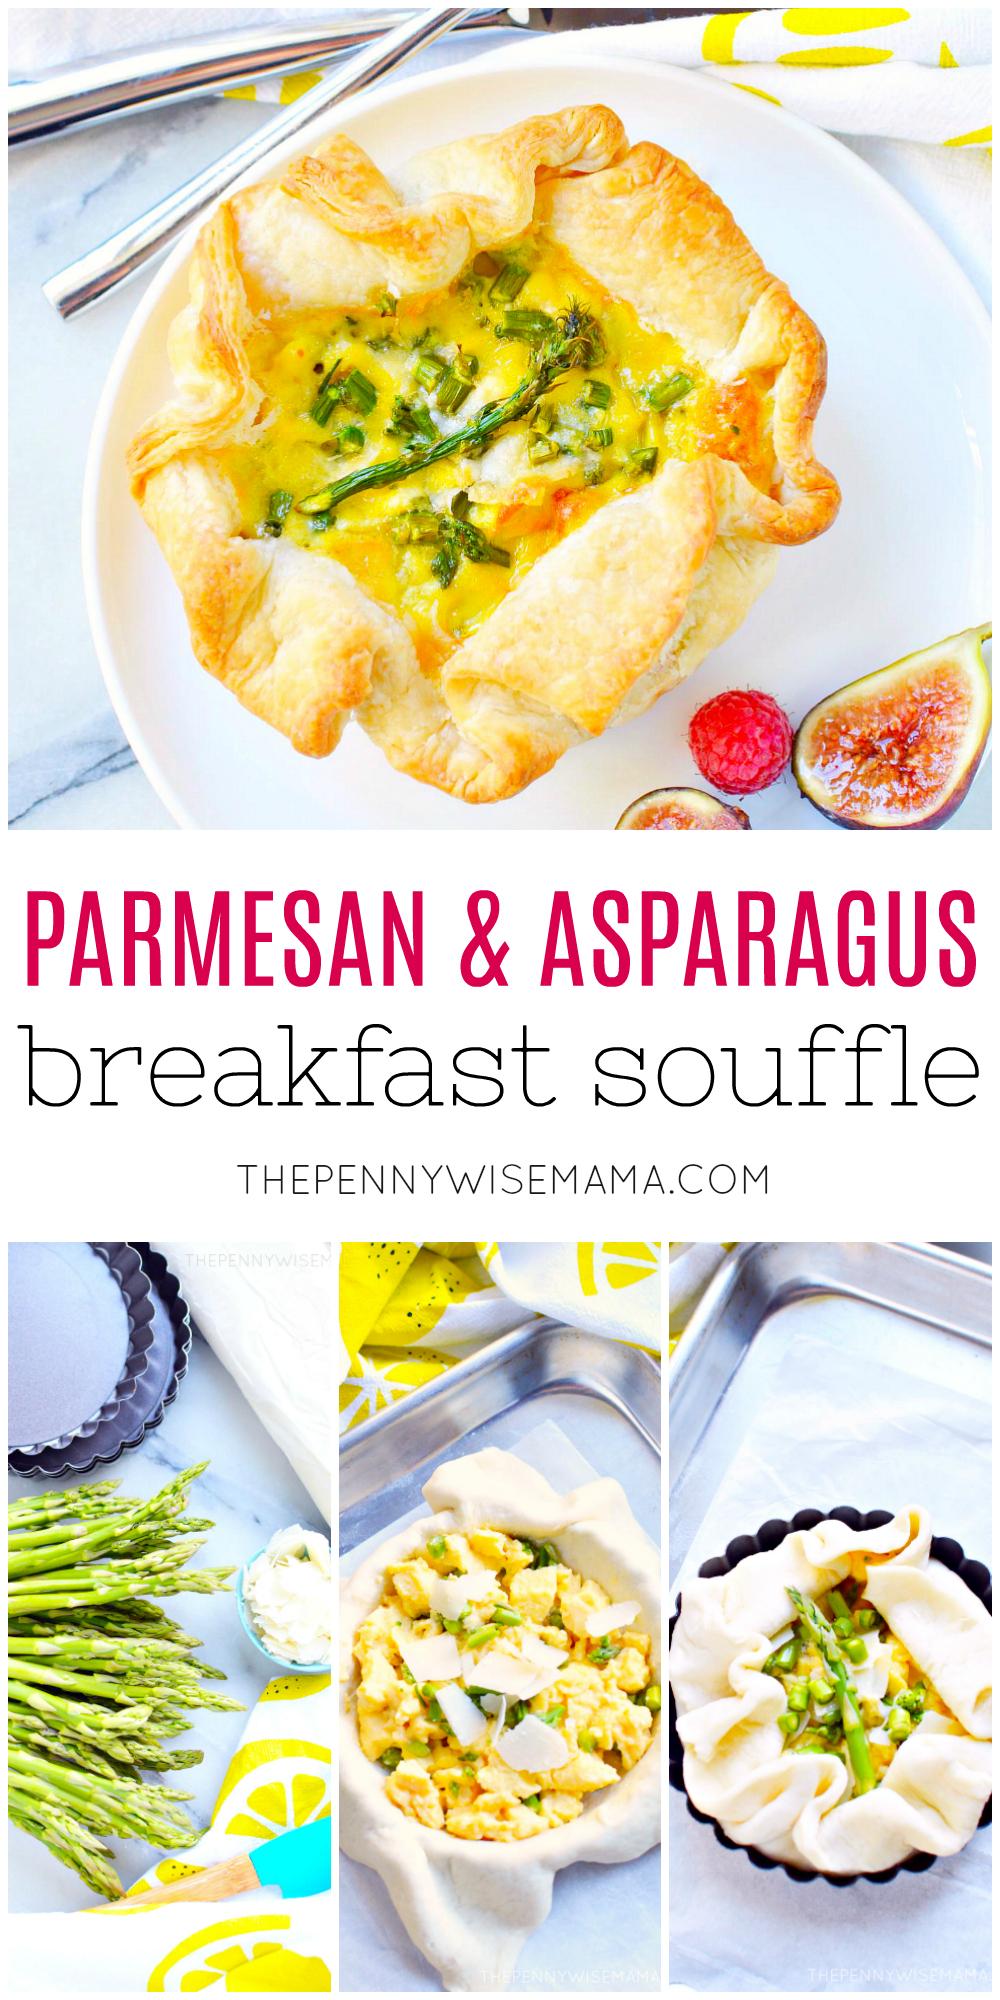 Easy Parmesan & Asparagus Soufflé - a delicious breakfast souffle!